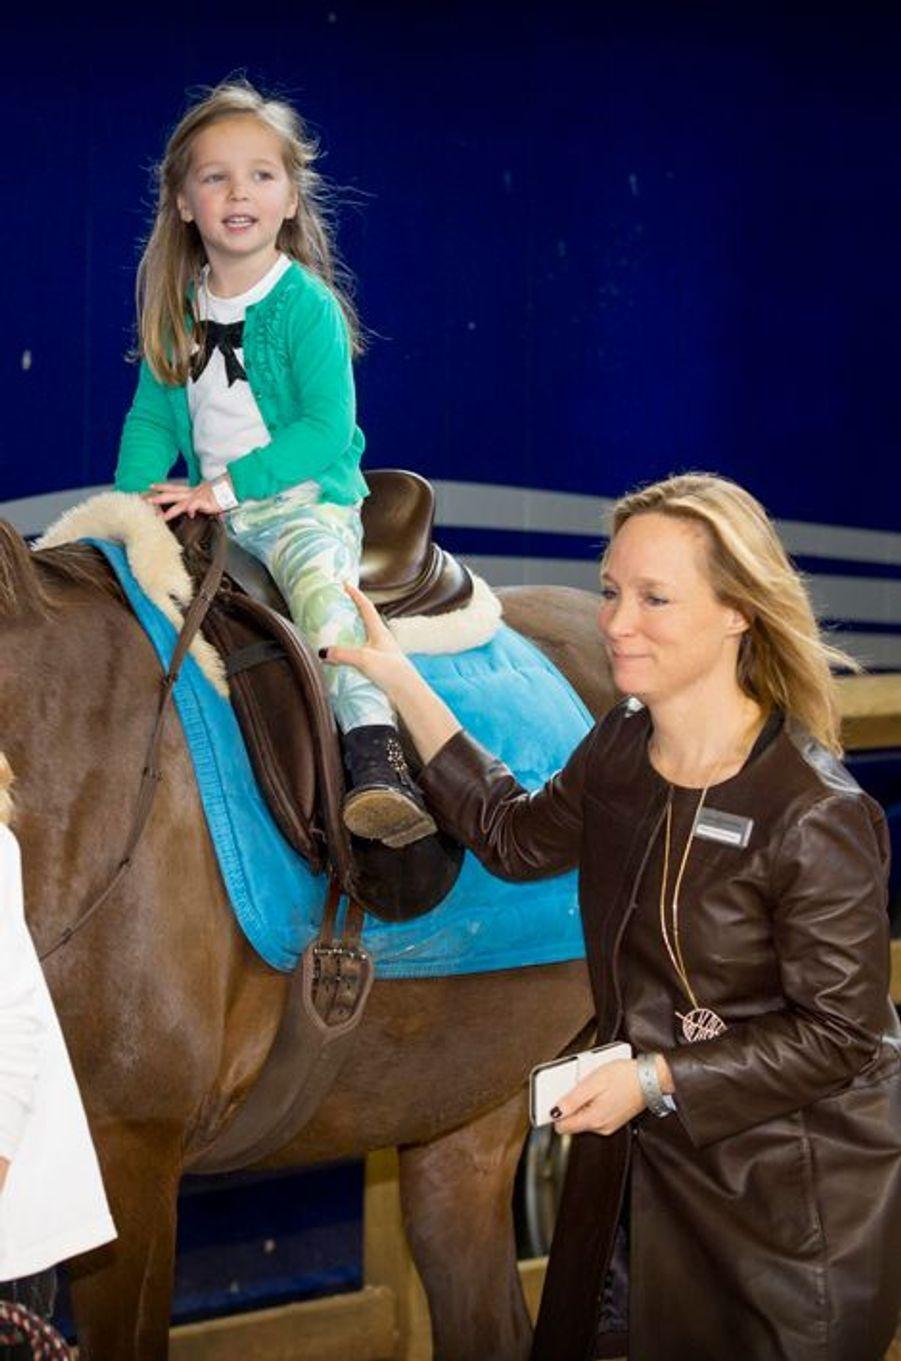 La princesse Margarita de Bourbon Parme et sa fille Paola au Jumping Amsterdam, le 1er février 2015